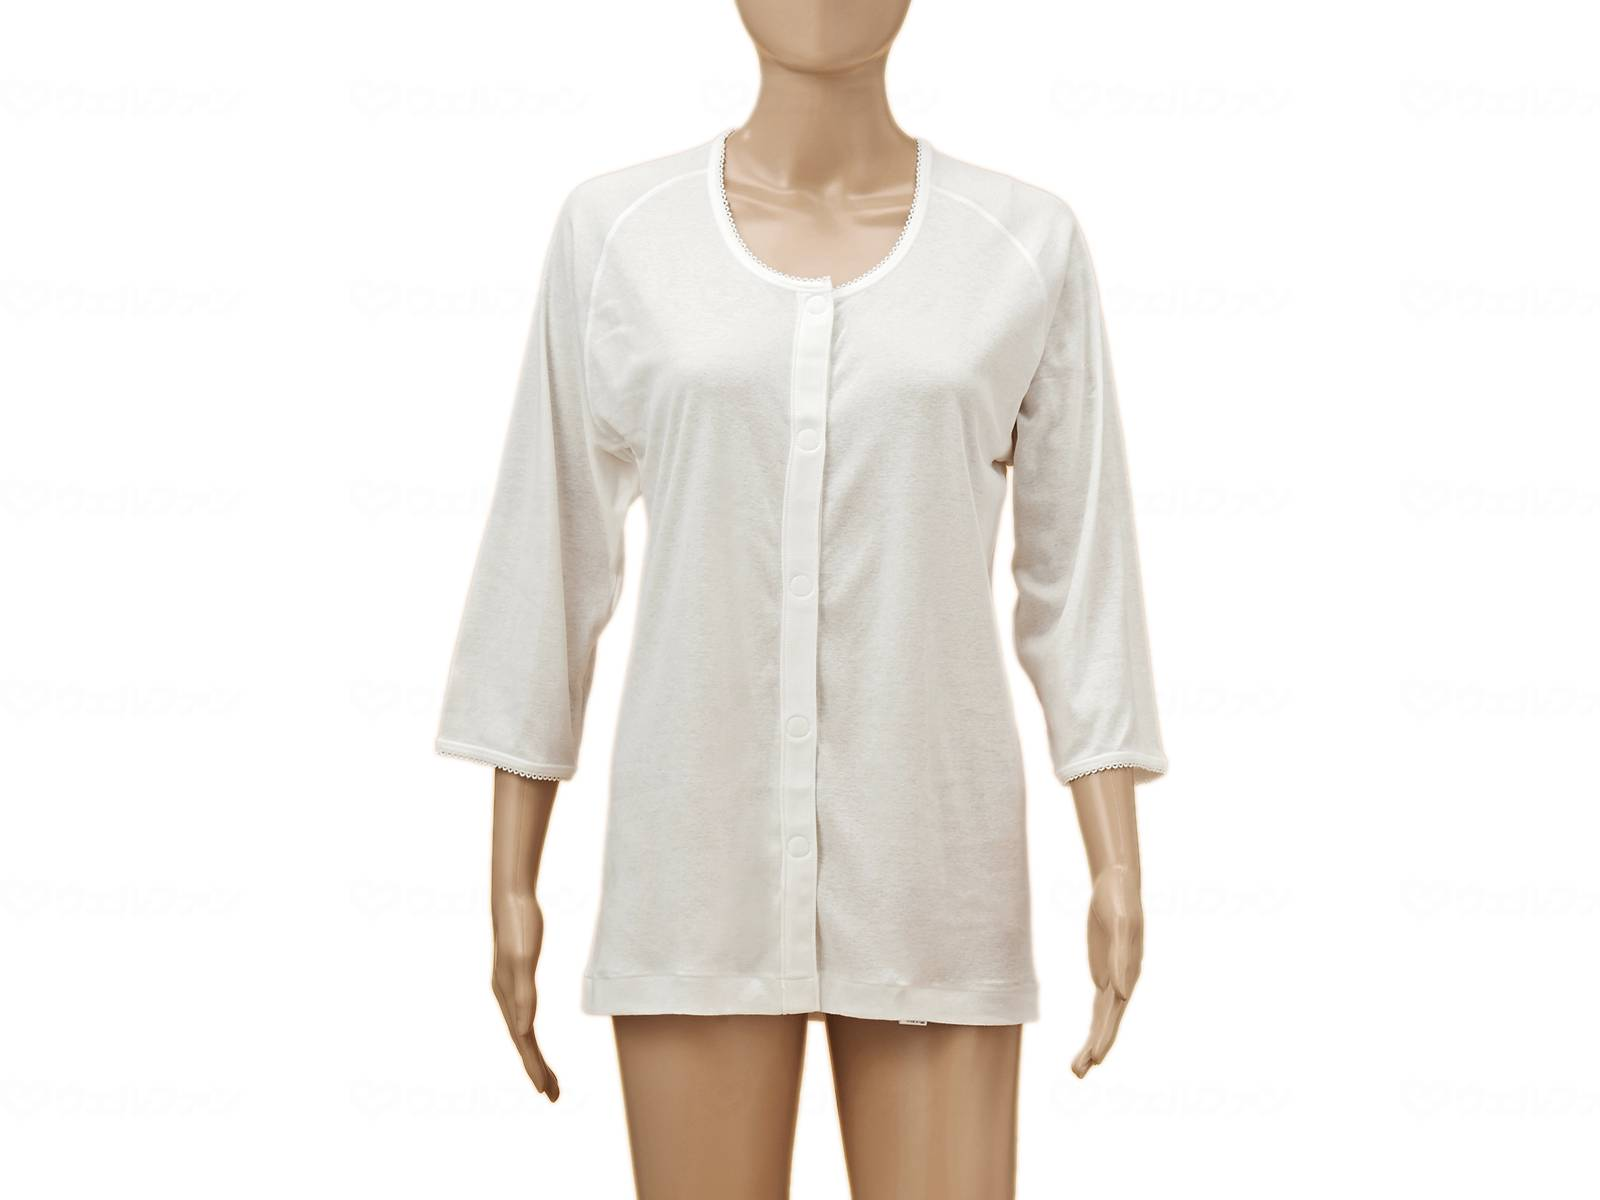 ひば前開き7分袖(ラグラン袖)婦人用の画像